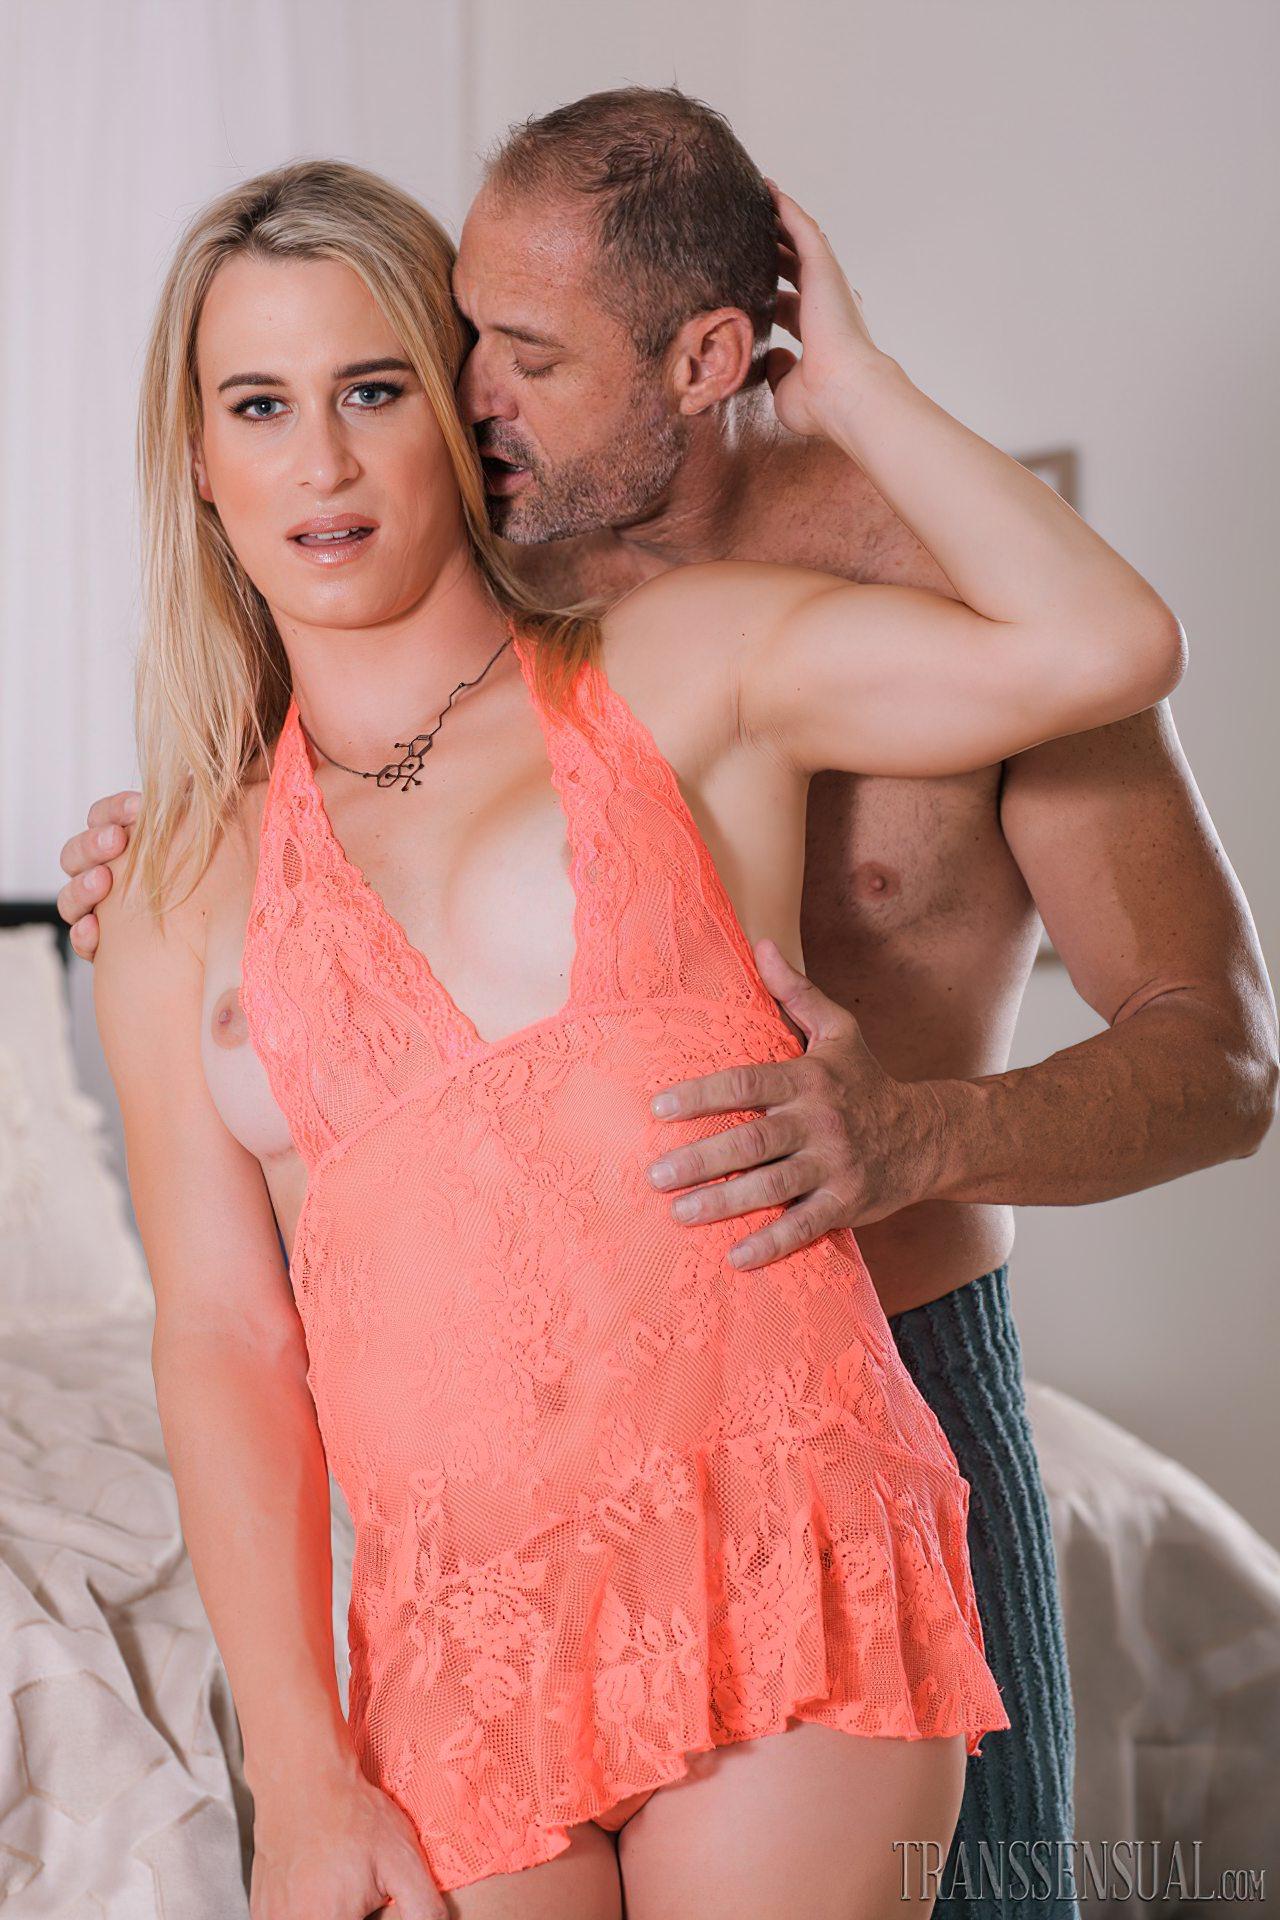 Trans Sedutora Fazendo Sexo com Marido (1)